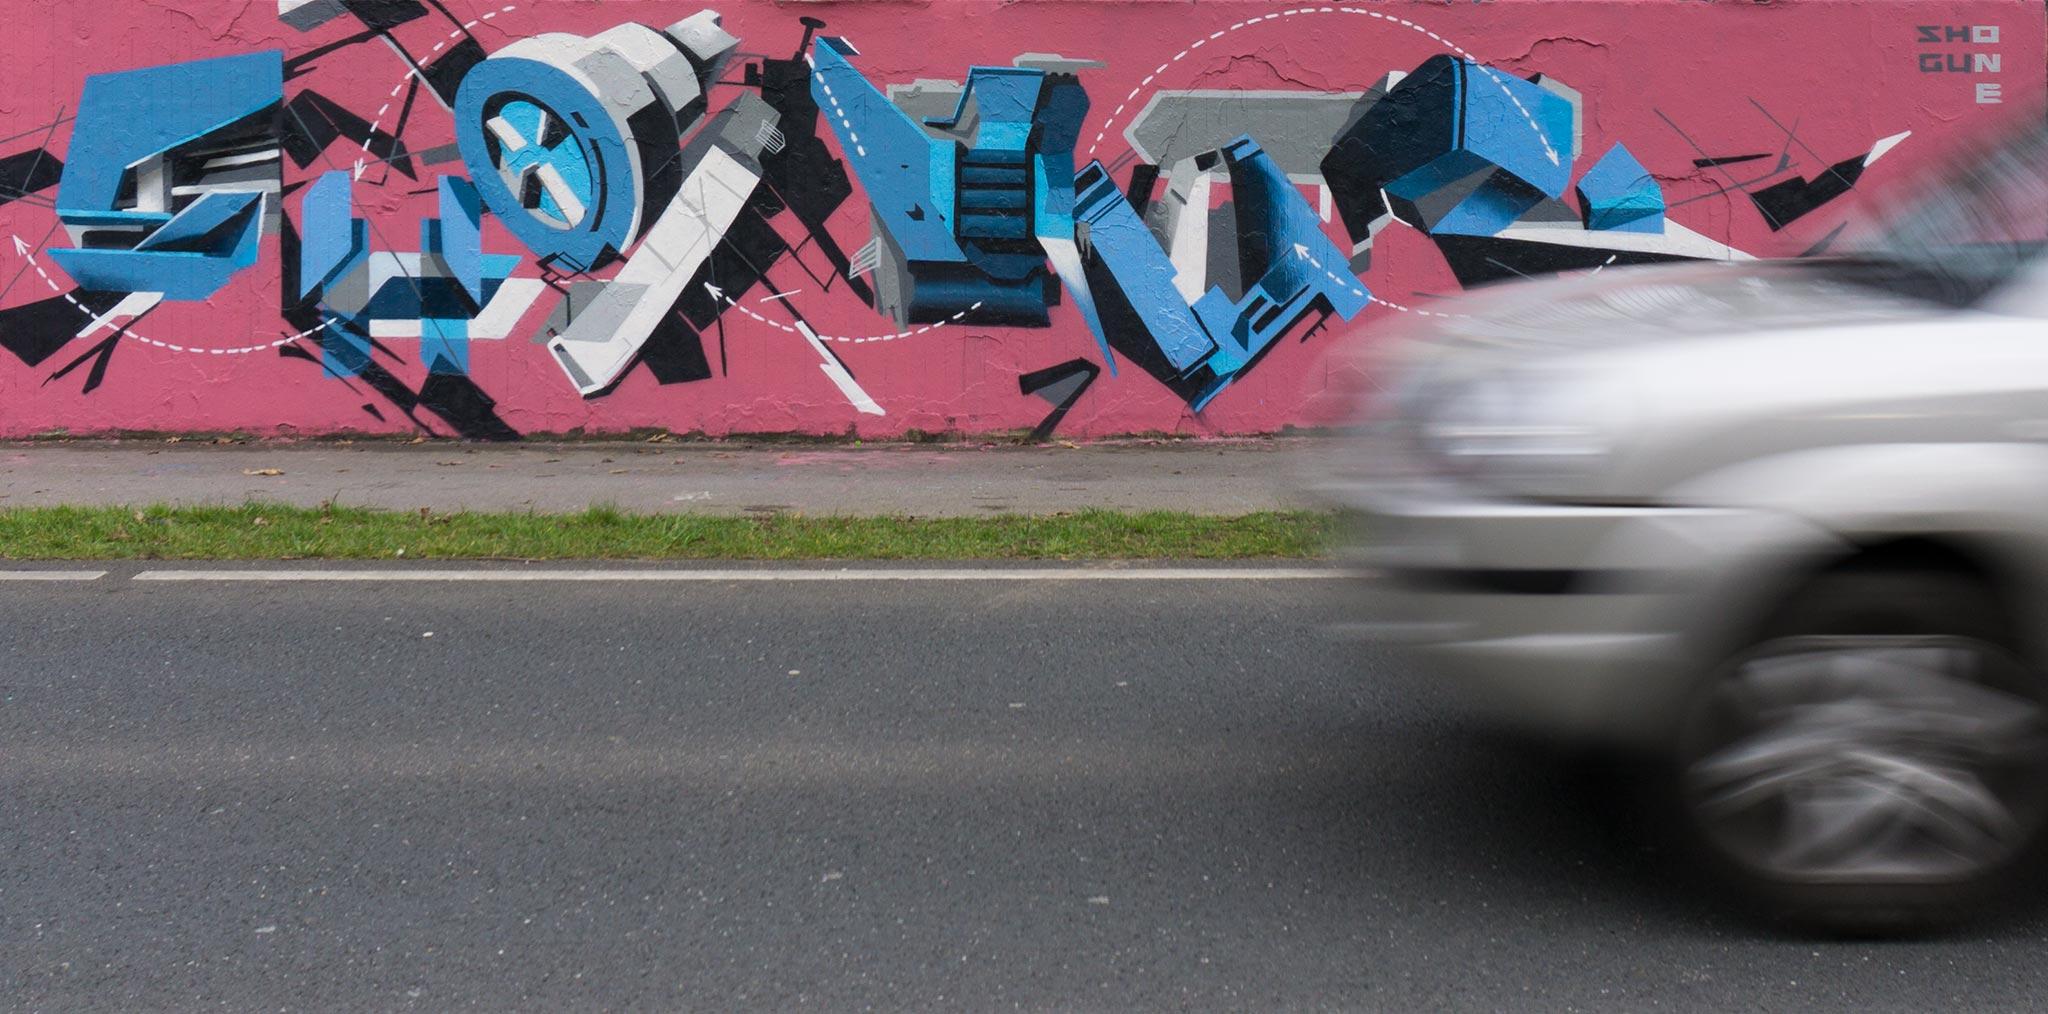 shogun_graffiti_monheim_ljda_2016_3